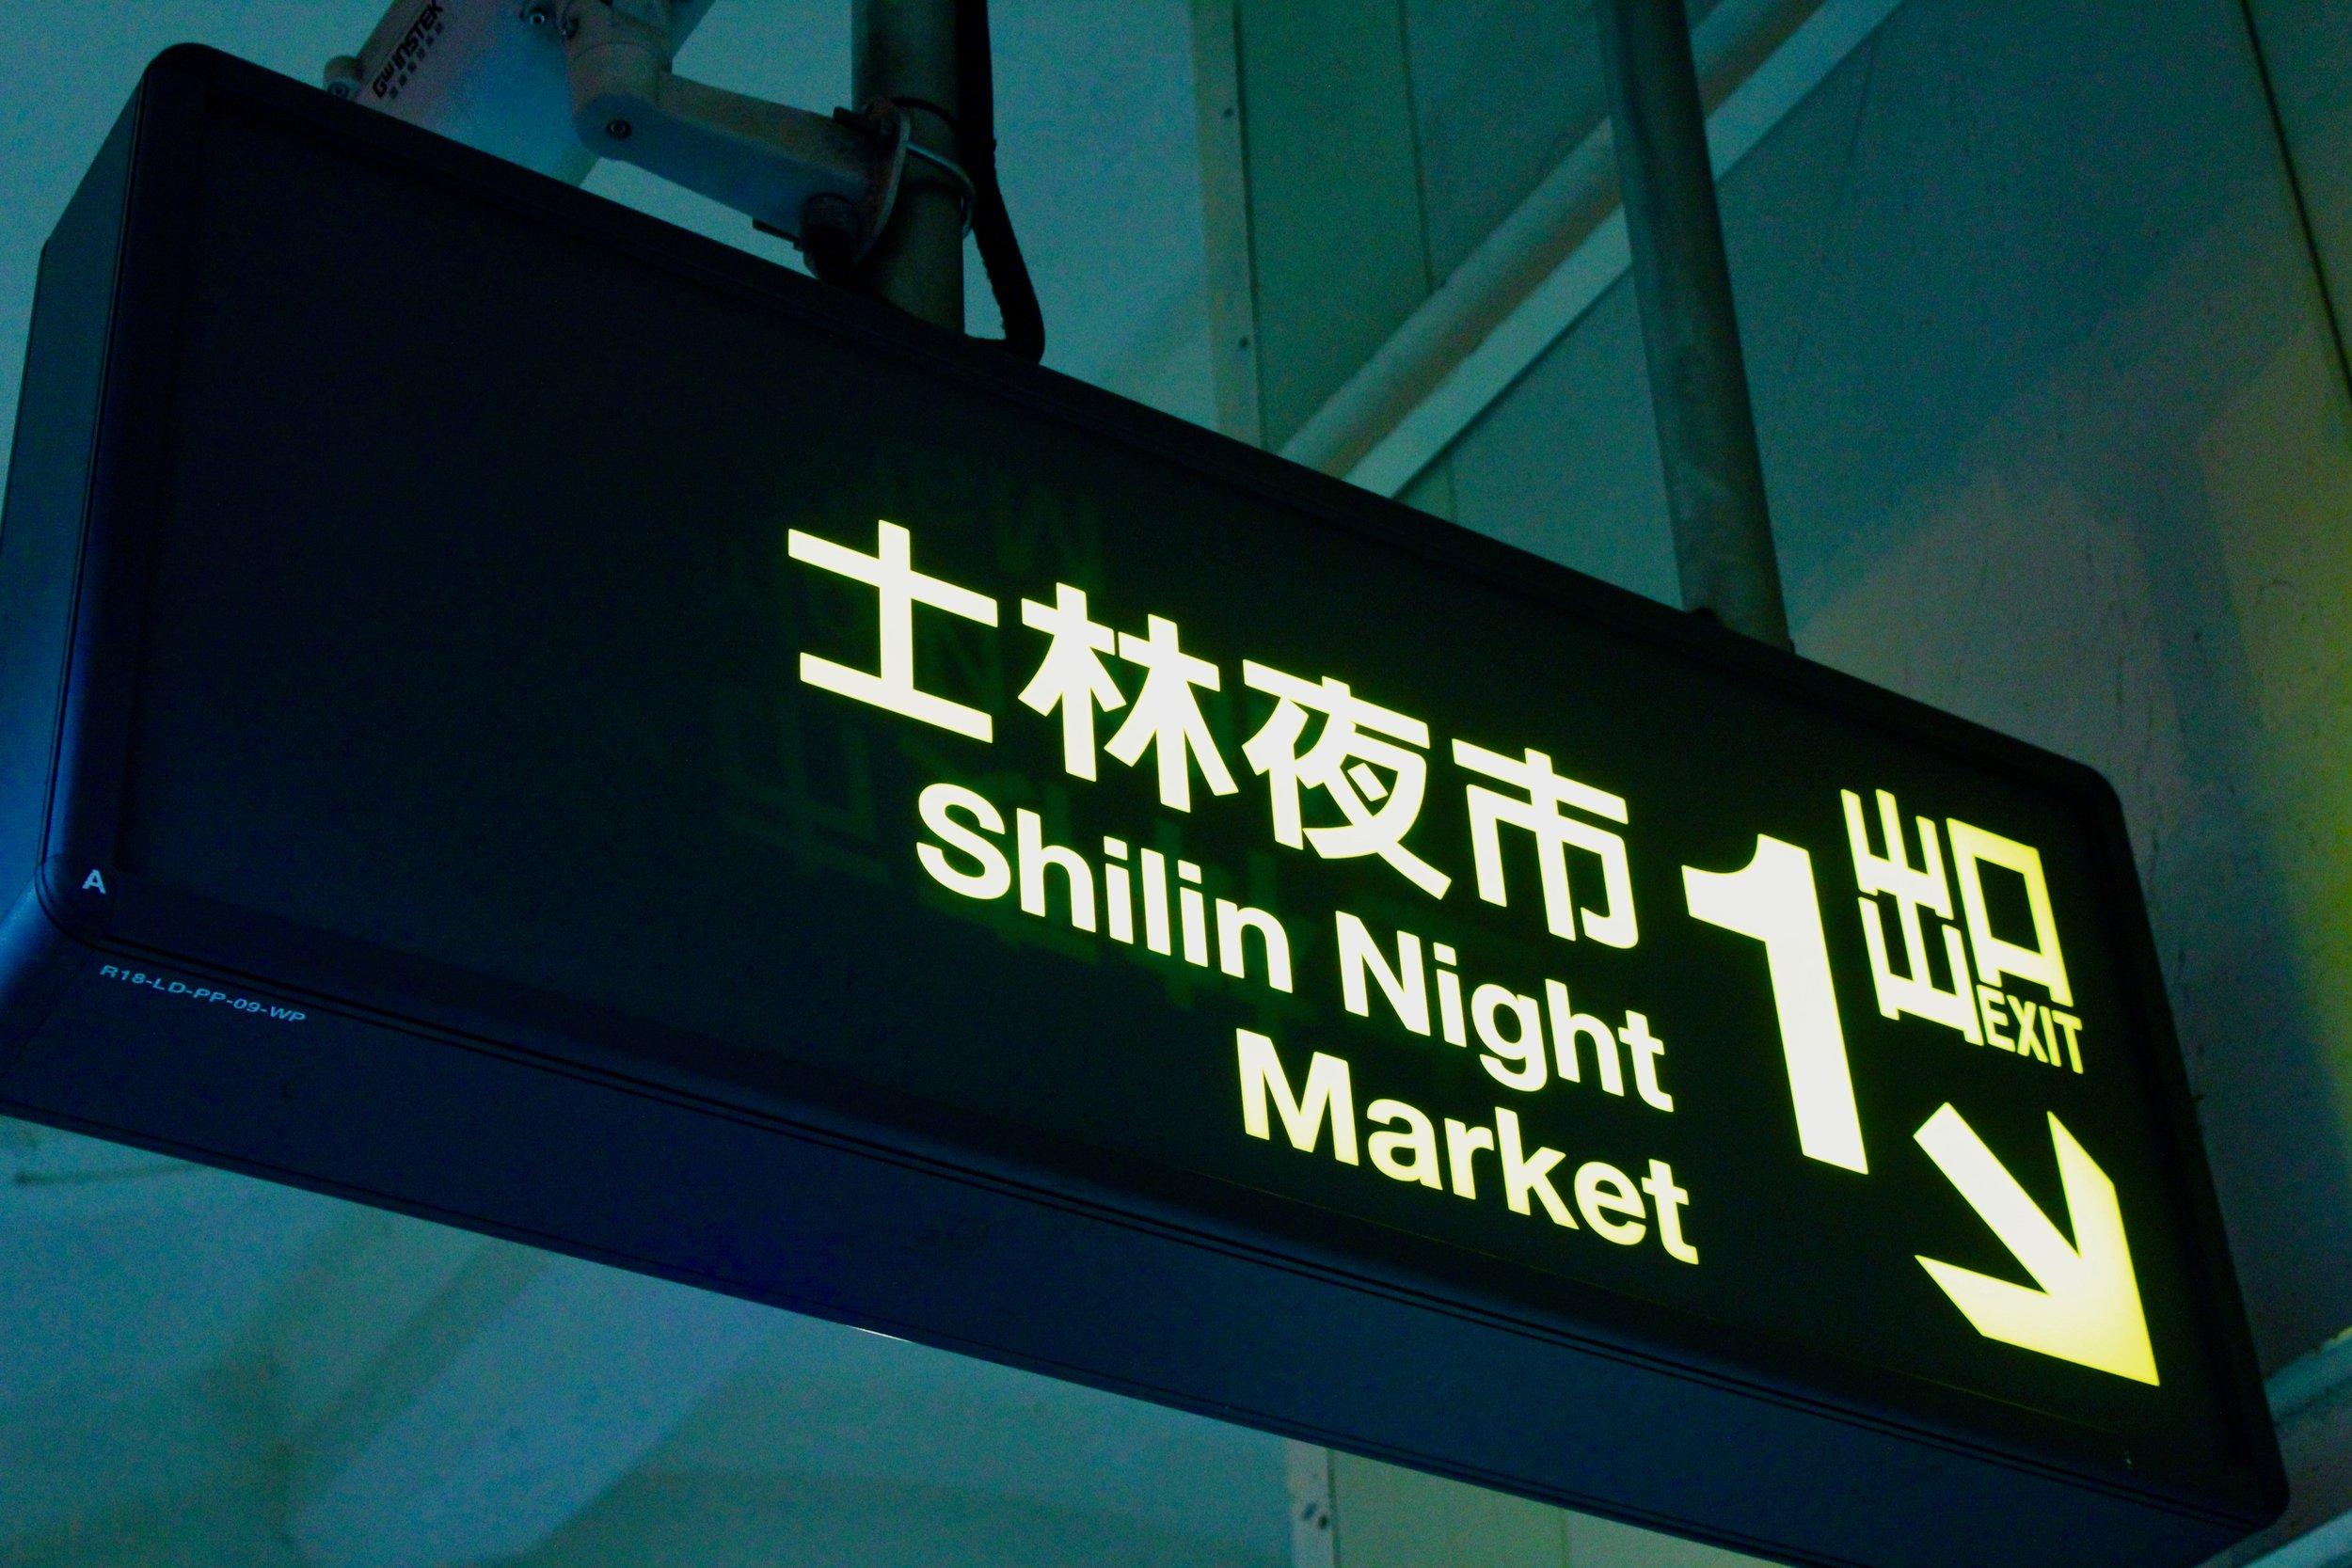 Exit at Jiantan station for Shilin Night Market.